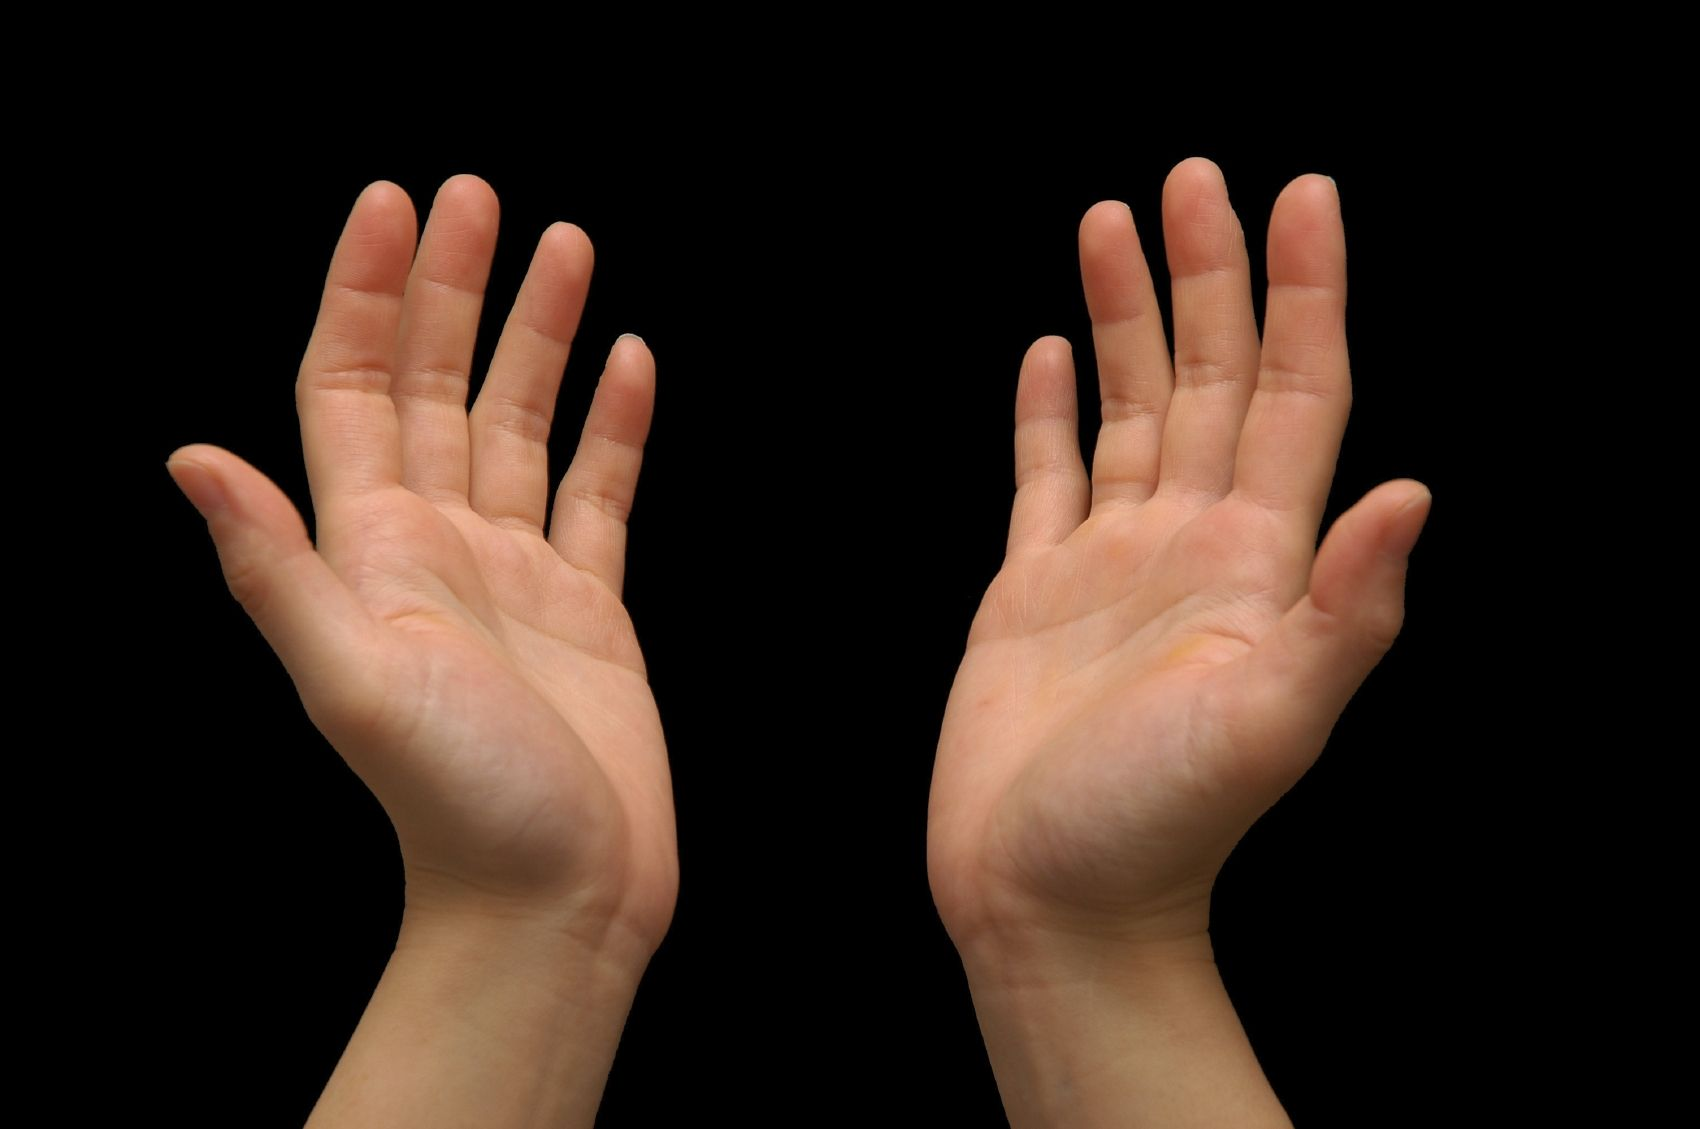 Trapianto di mani (e tra poco di braccia): perché quello italiano funziona